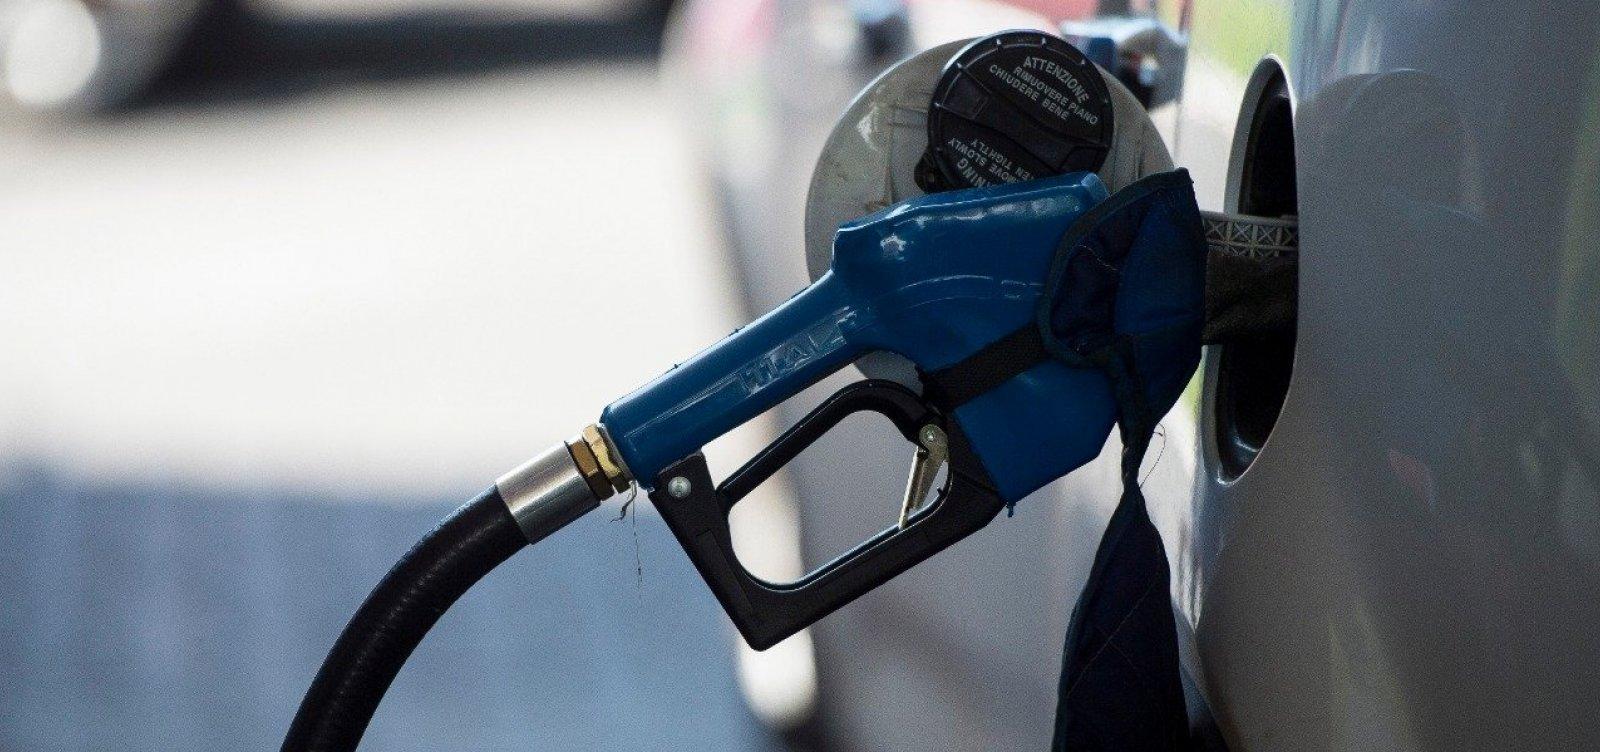 [Diferença de preço da gasolina em postos pelo Brasil chega a 124%]